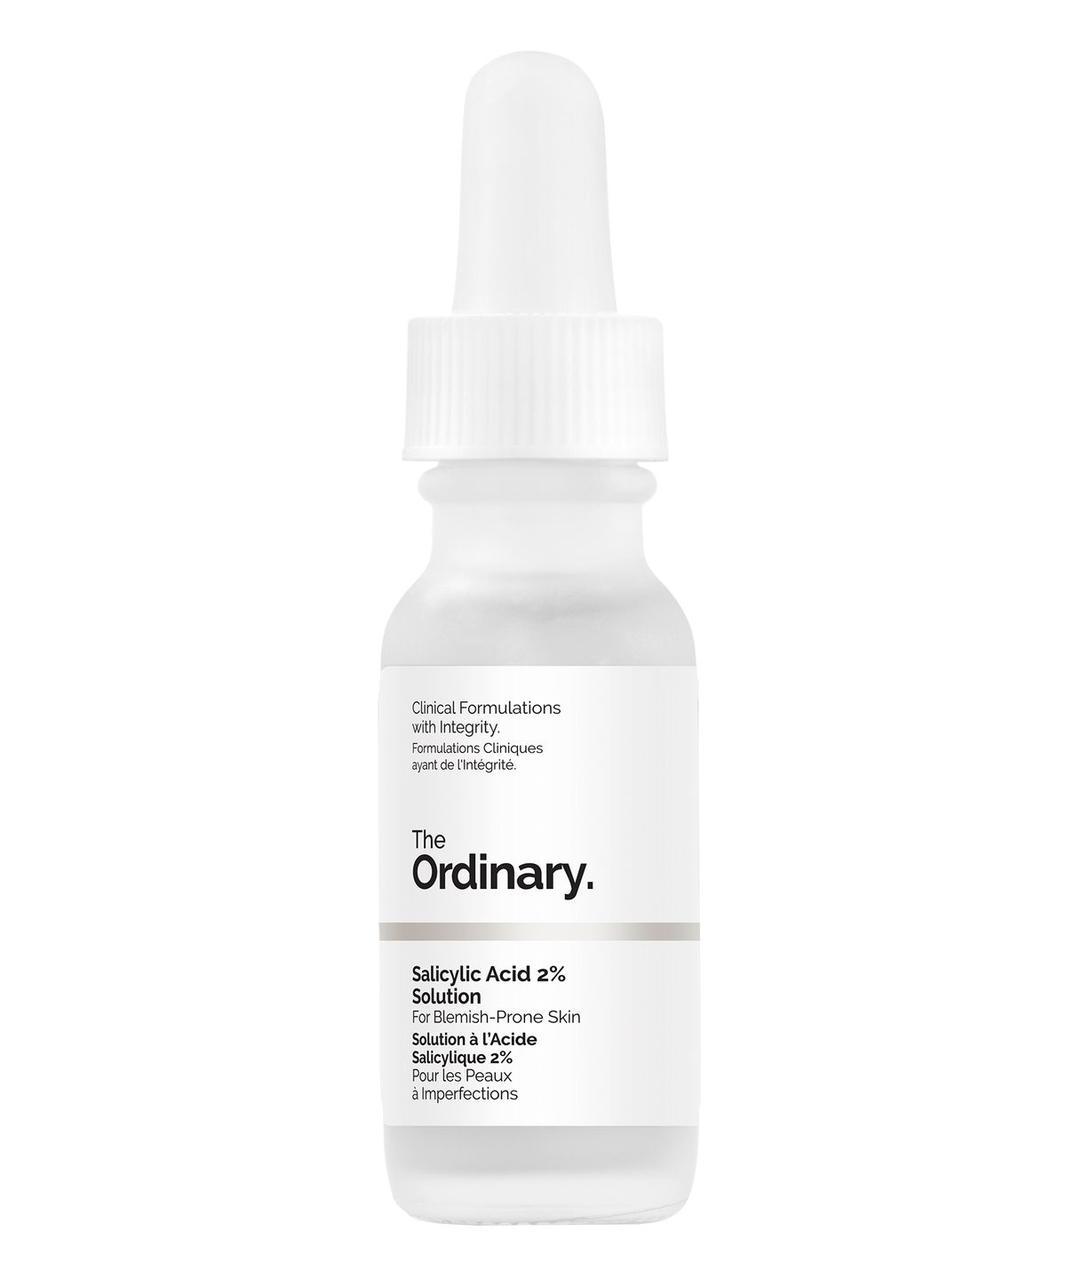 Сыворотка для лица The Ordinary Salicylic Acid 2% Solution